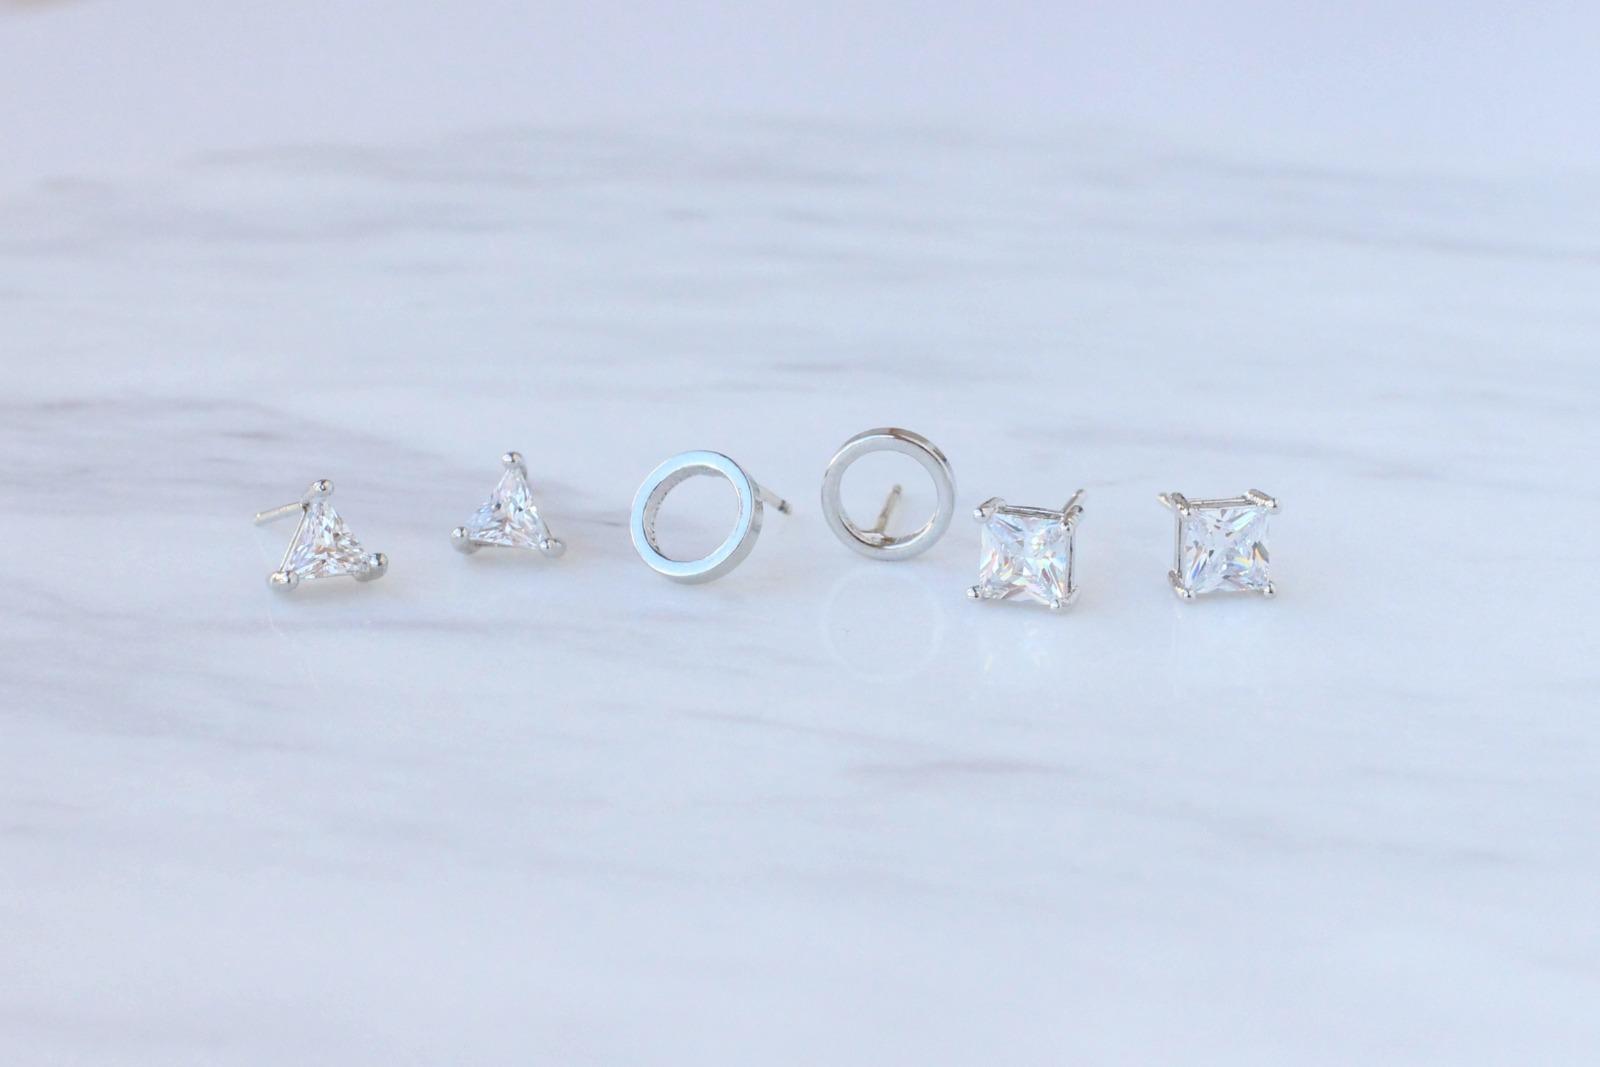 은침 데일리 미니써클 귀걸이 34F26 - 러블리루, 11,000원, 골드, 볼/미니귀걸이